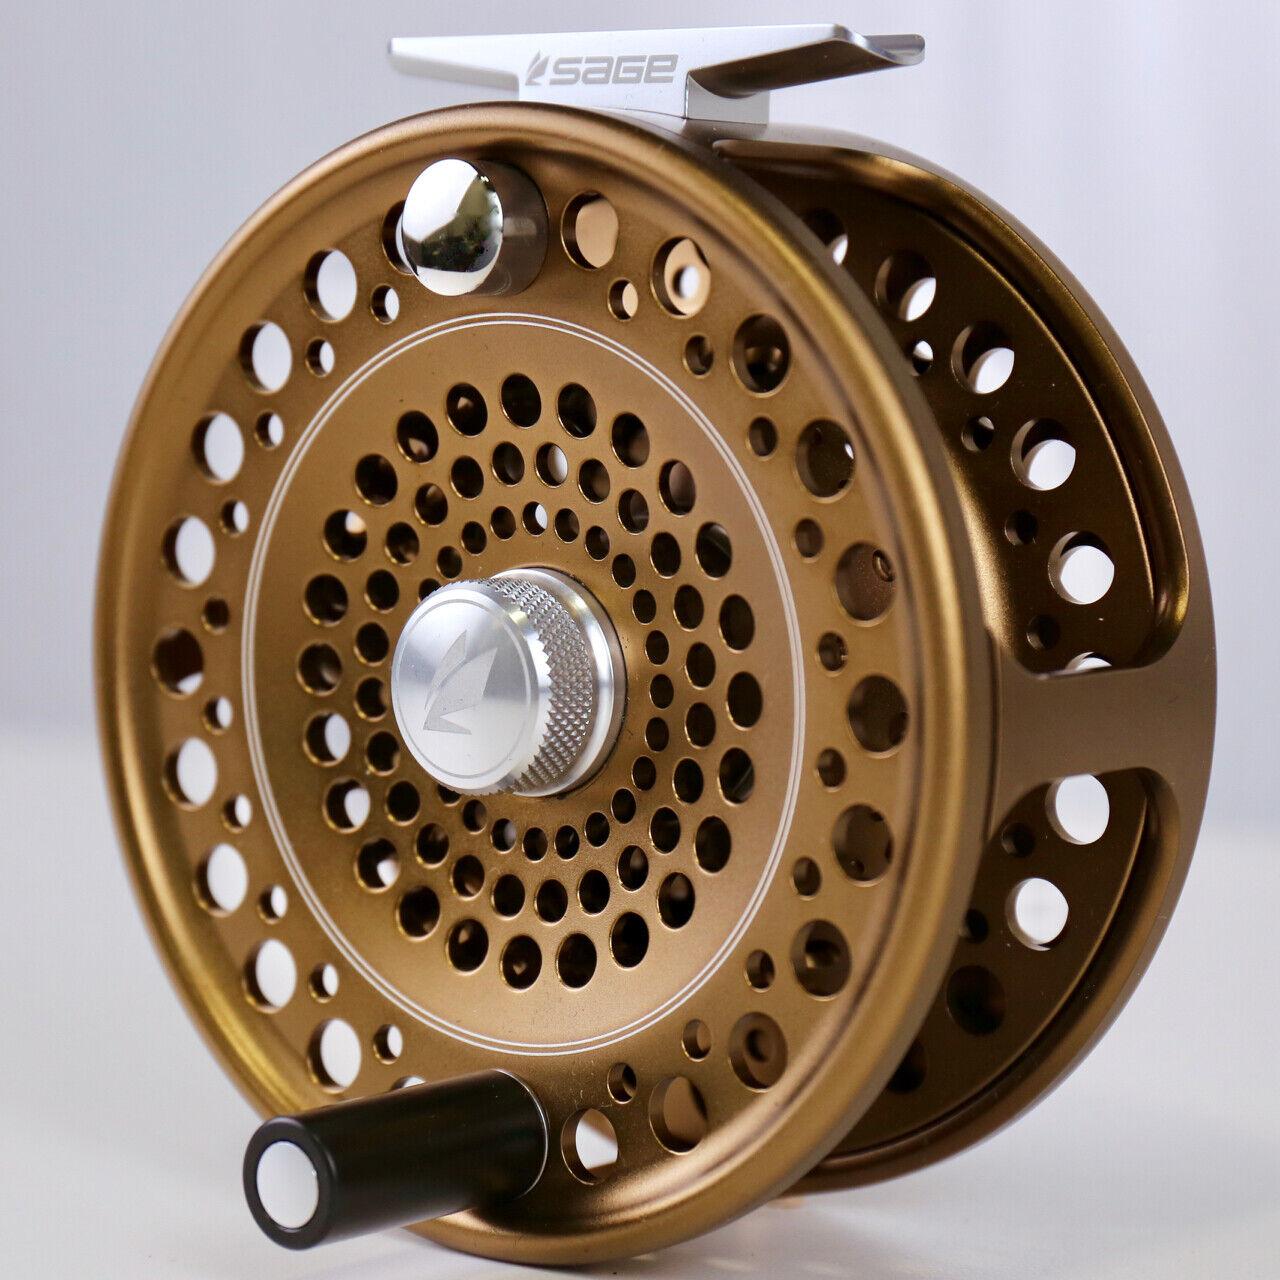 Sage Spey para mosca Cocherete de Pesca Tamaño De Bronce 7 8 9 Envío Gratis Rápido